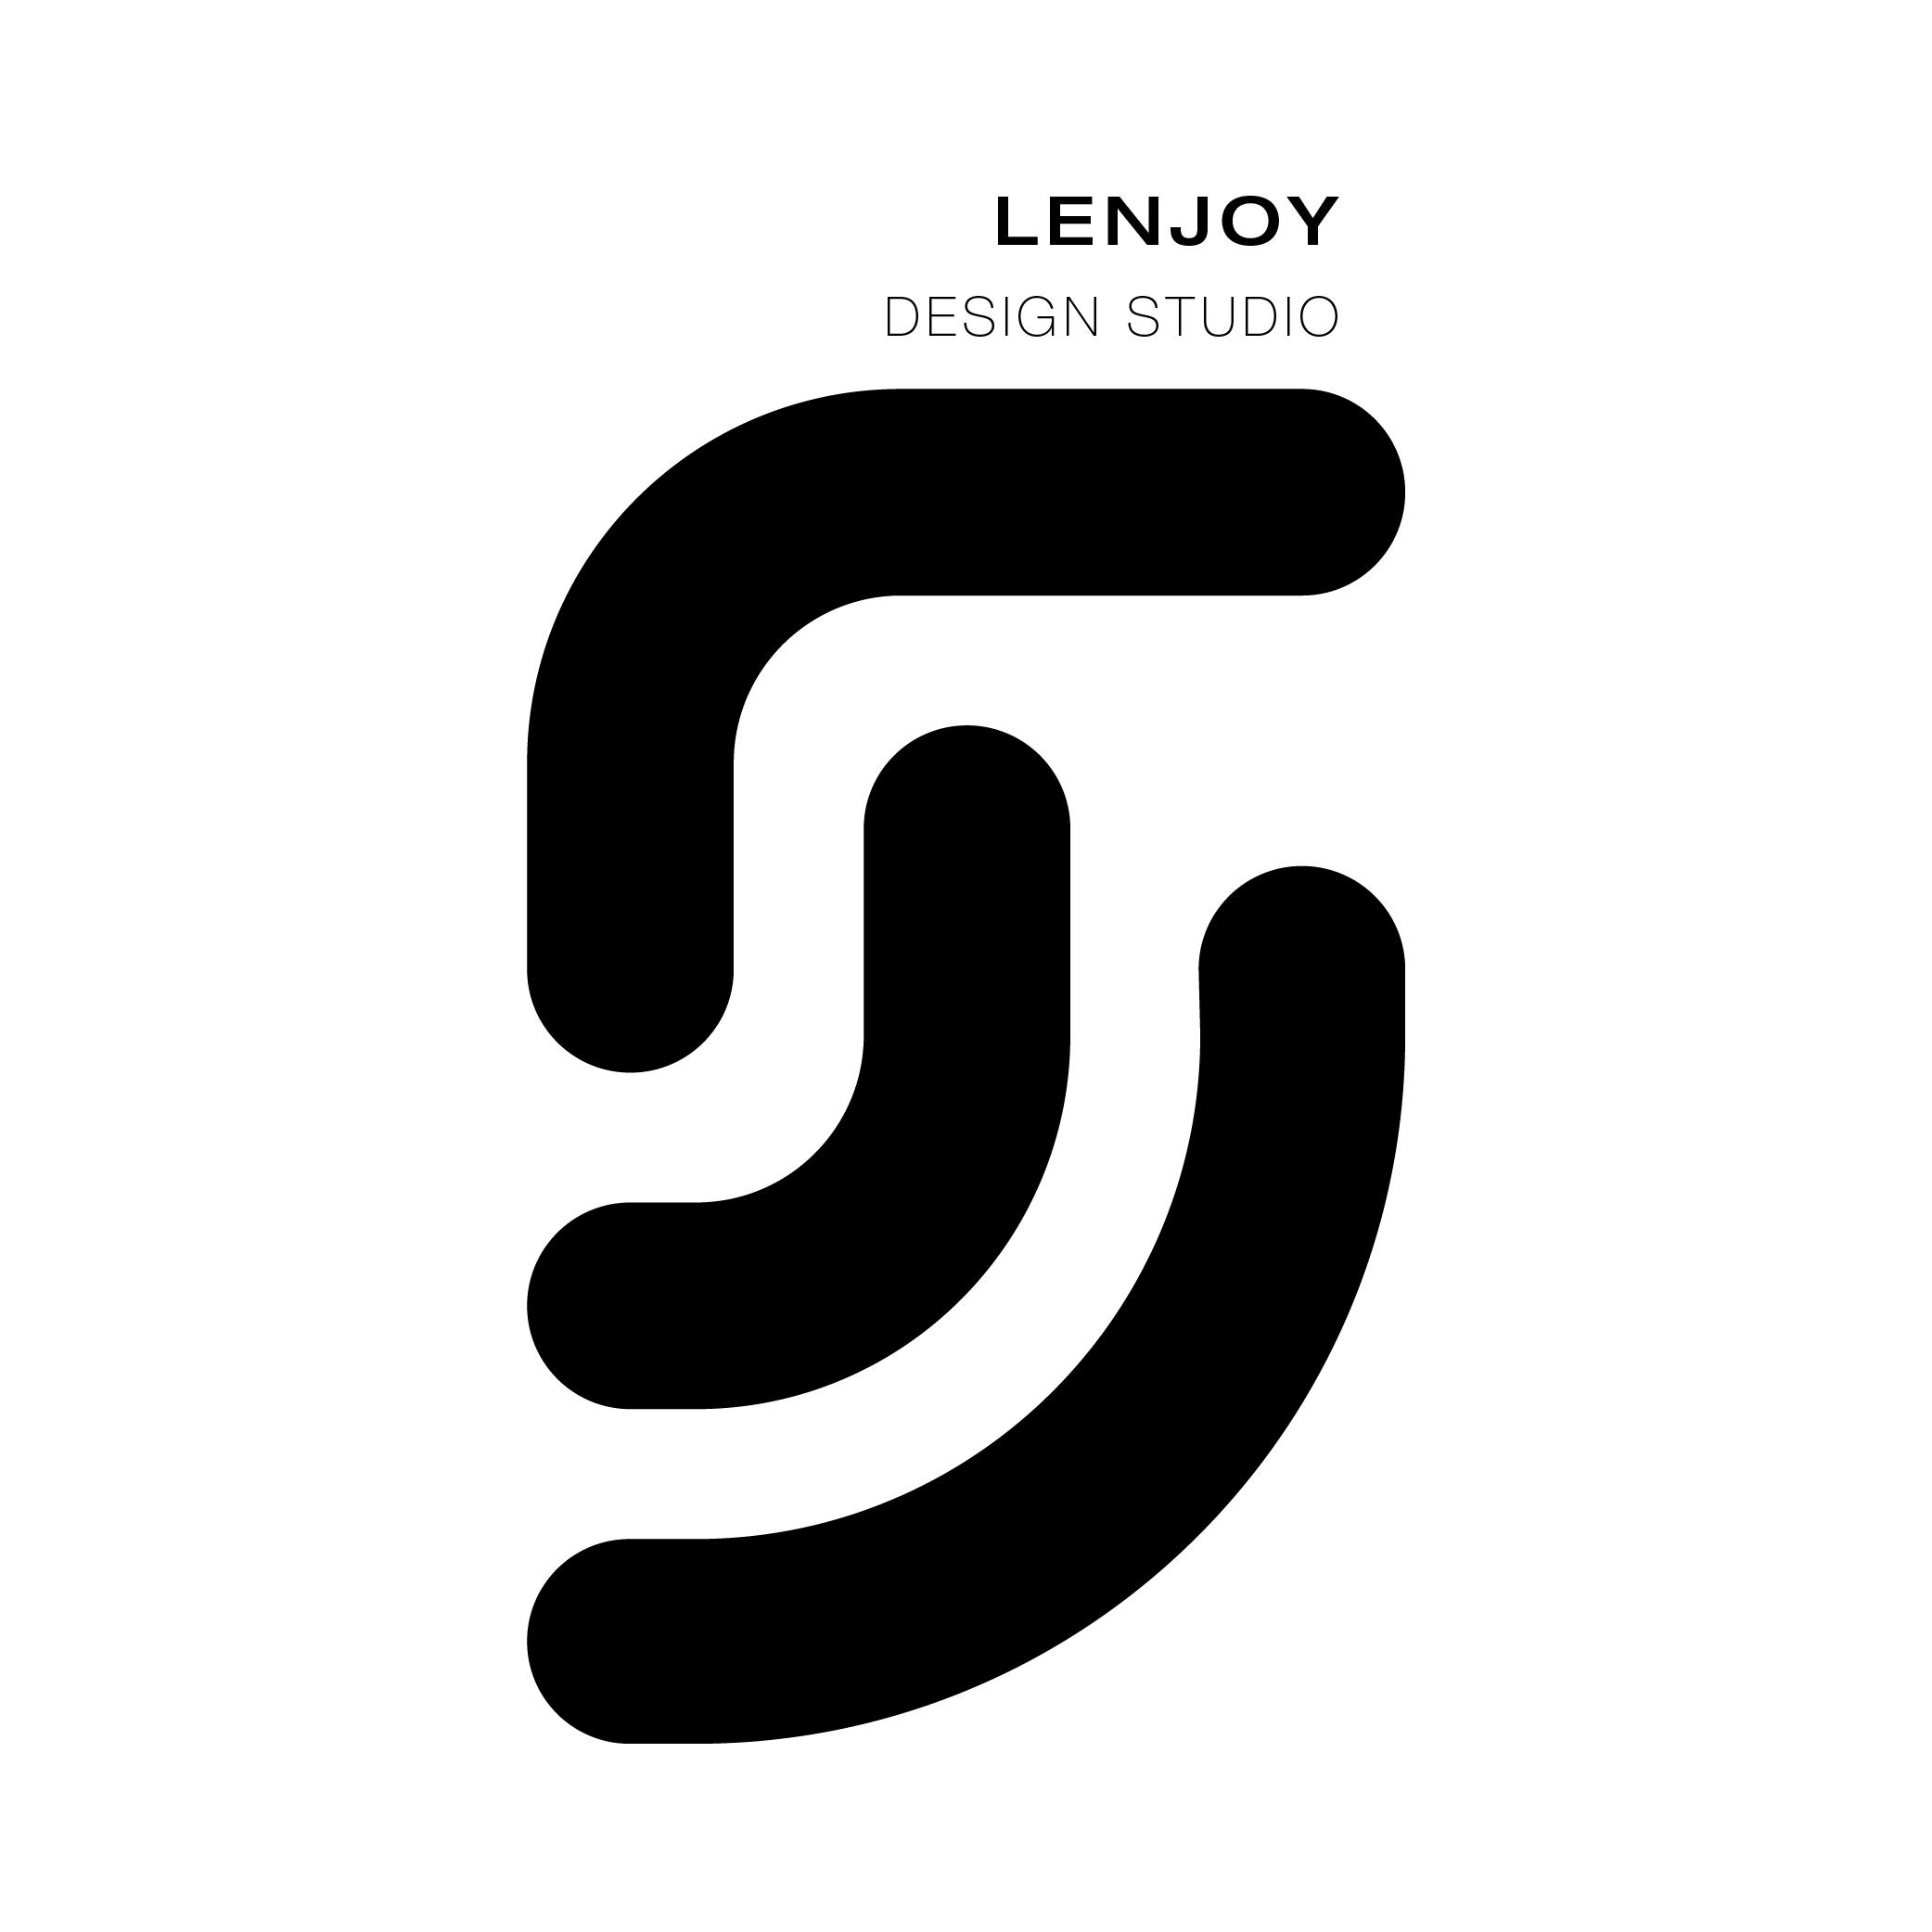 上一年年底看到乐视tv的新logo时有点诧异,跟他们设计师的造字创意点图片